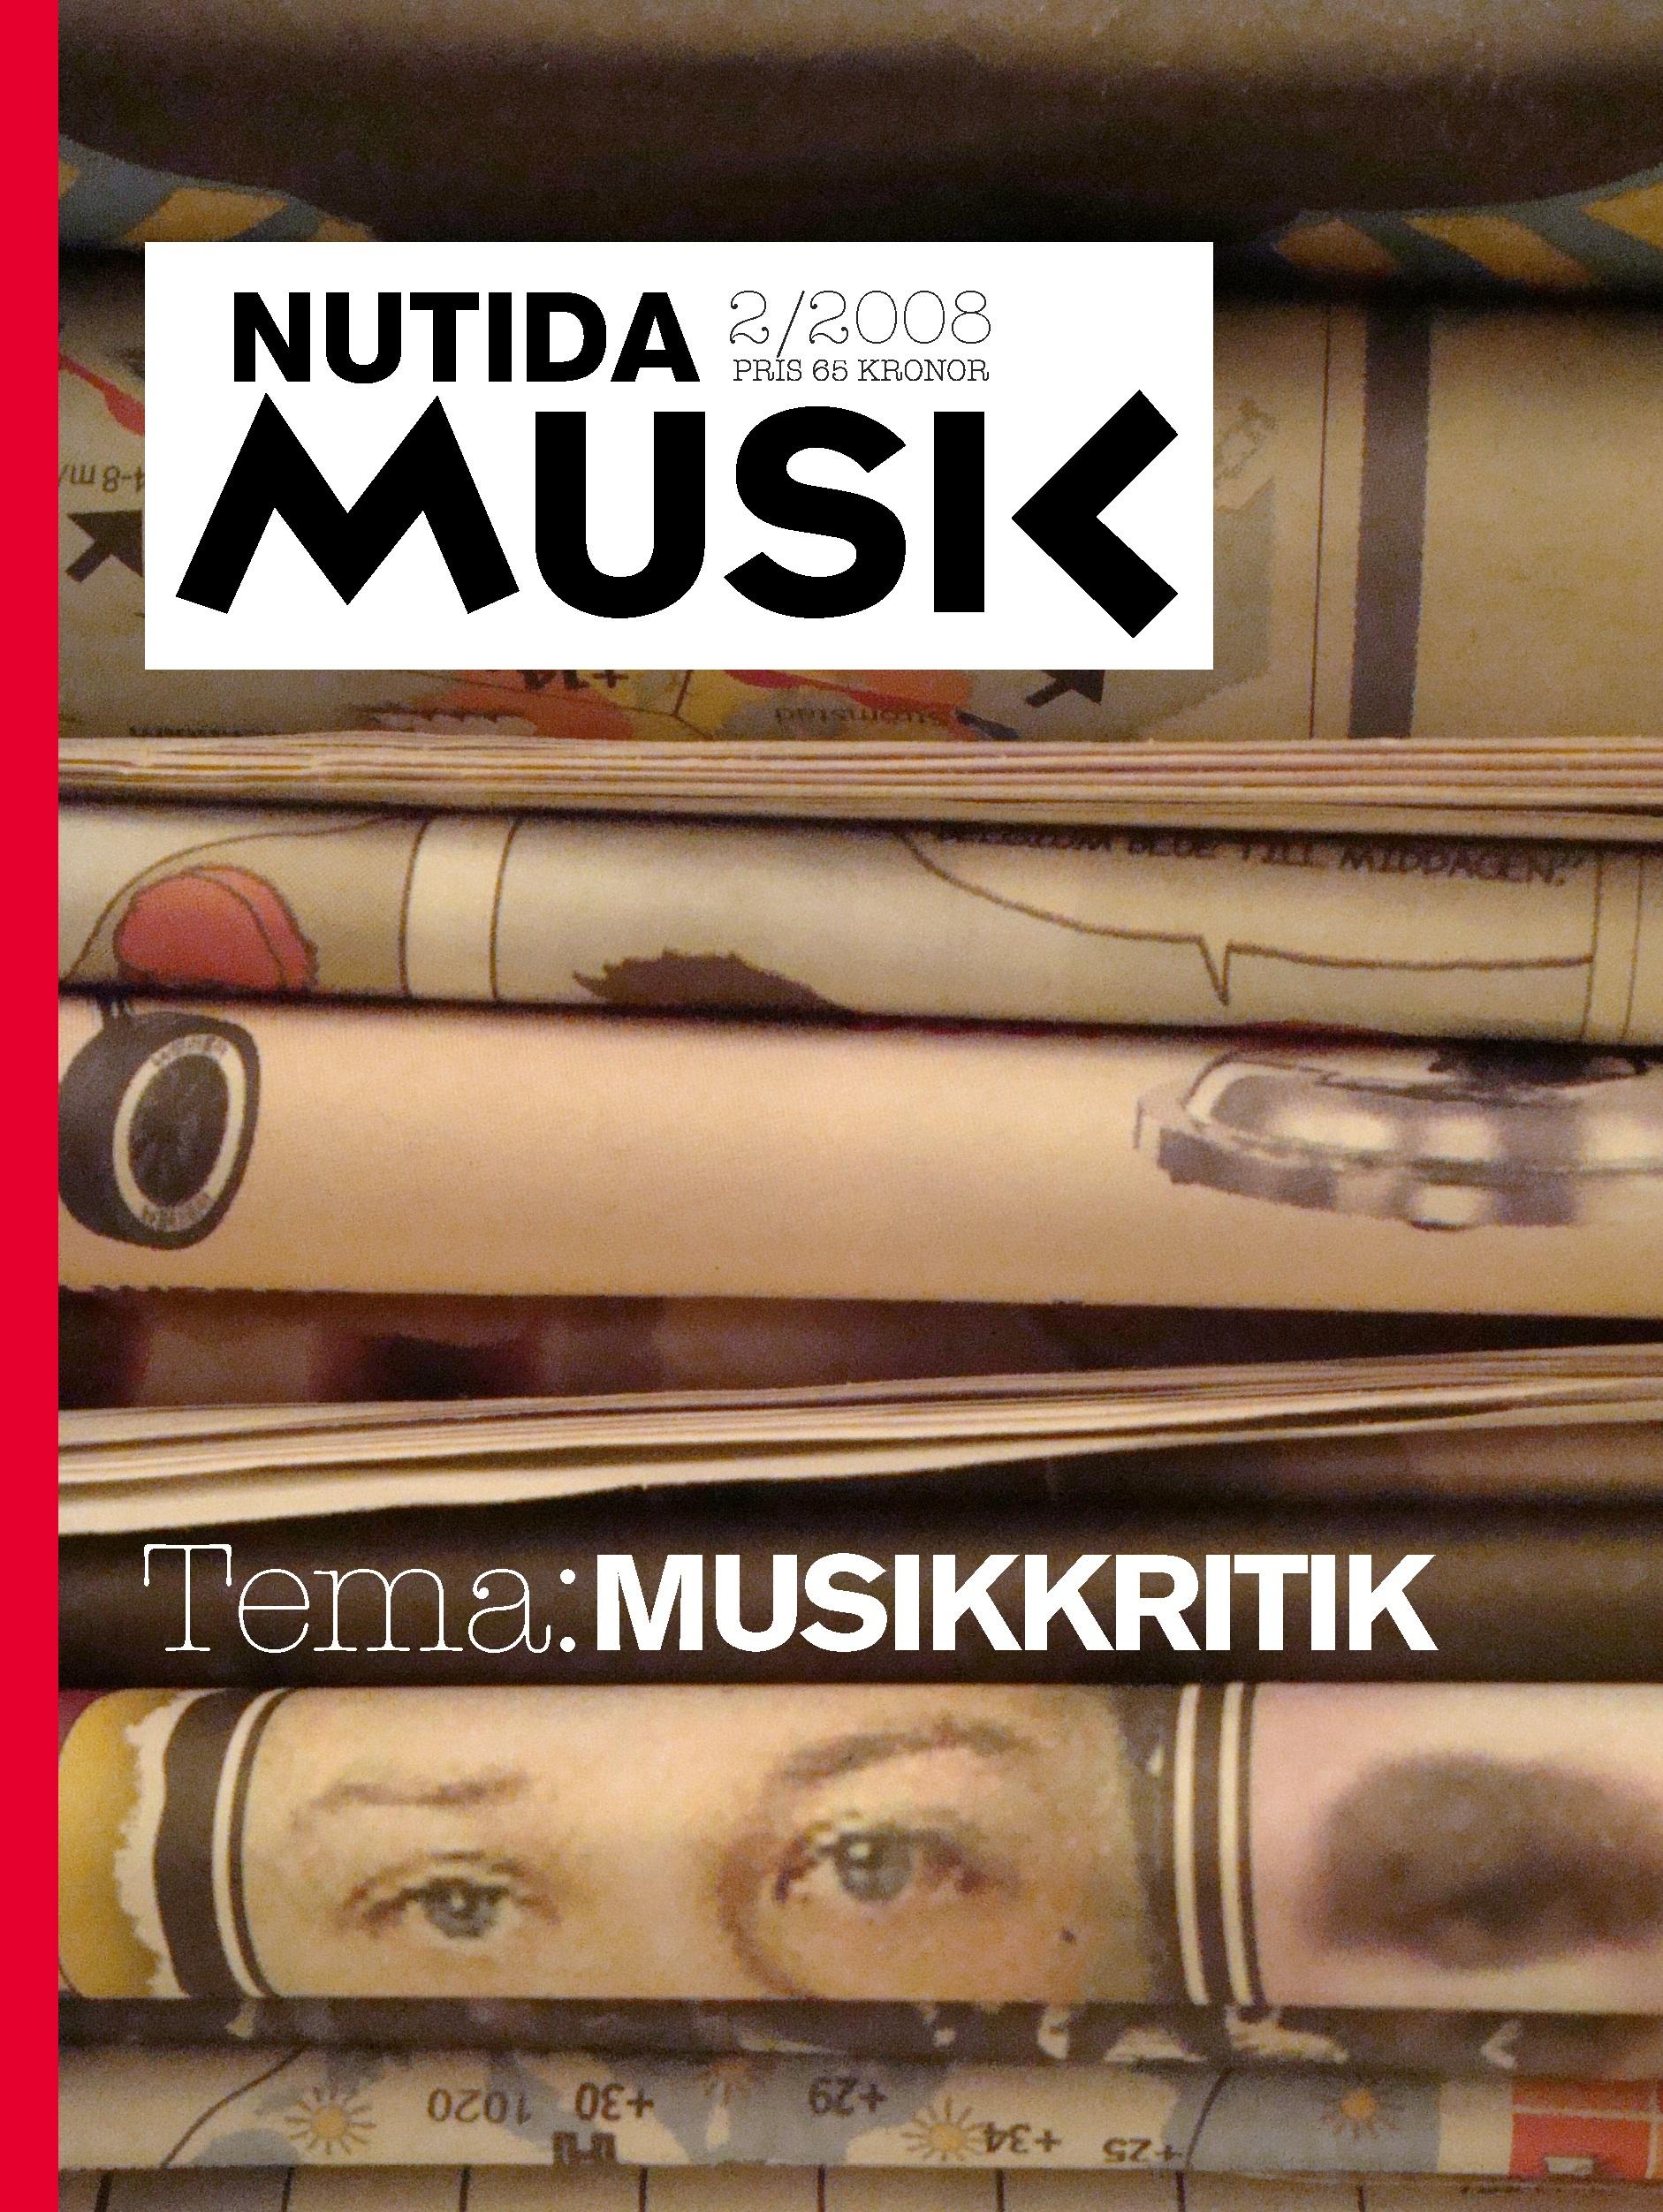 Framtidens musikkritik – Workshop i musikkritik